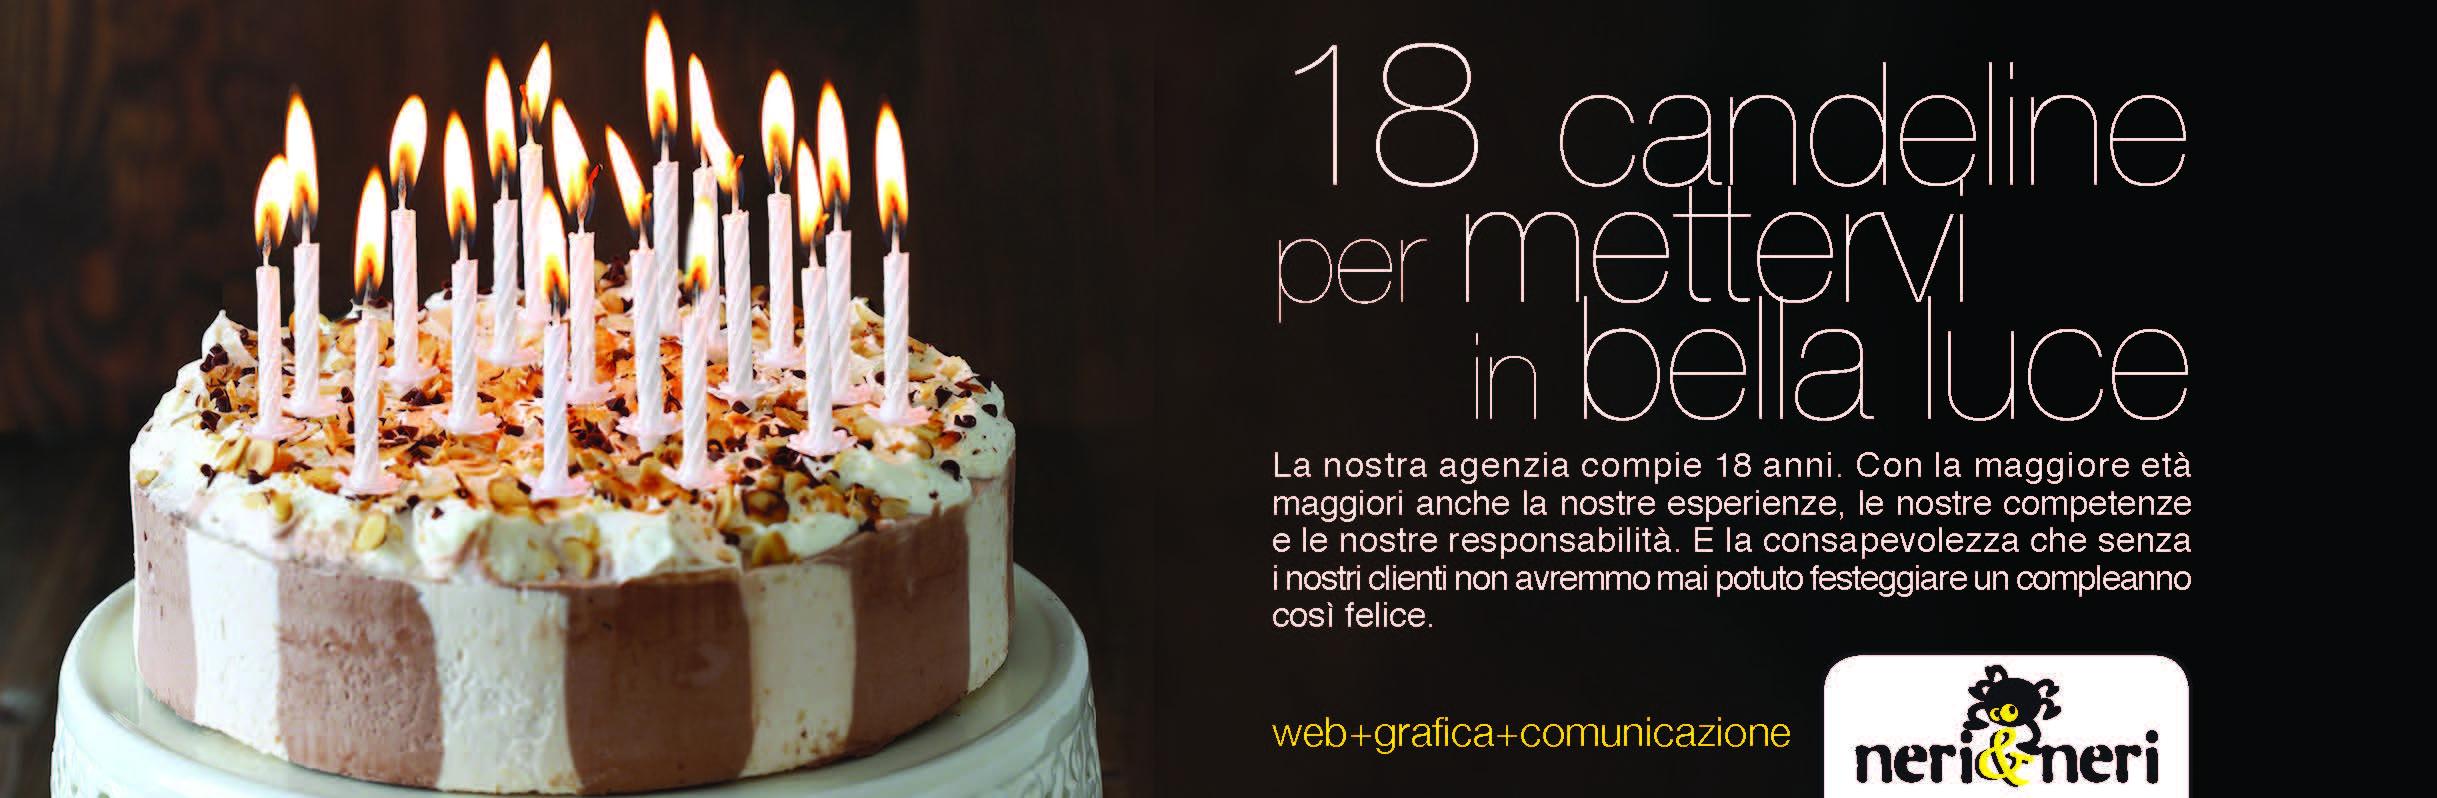 foto con una torta e 18 calendine per festeggiare i ì18 anni di attività della neri e neri comunicazione